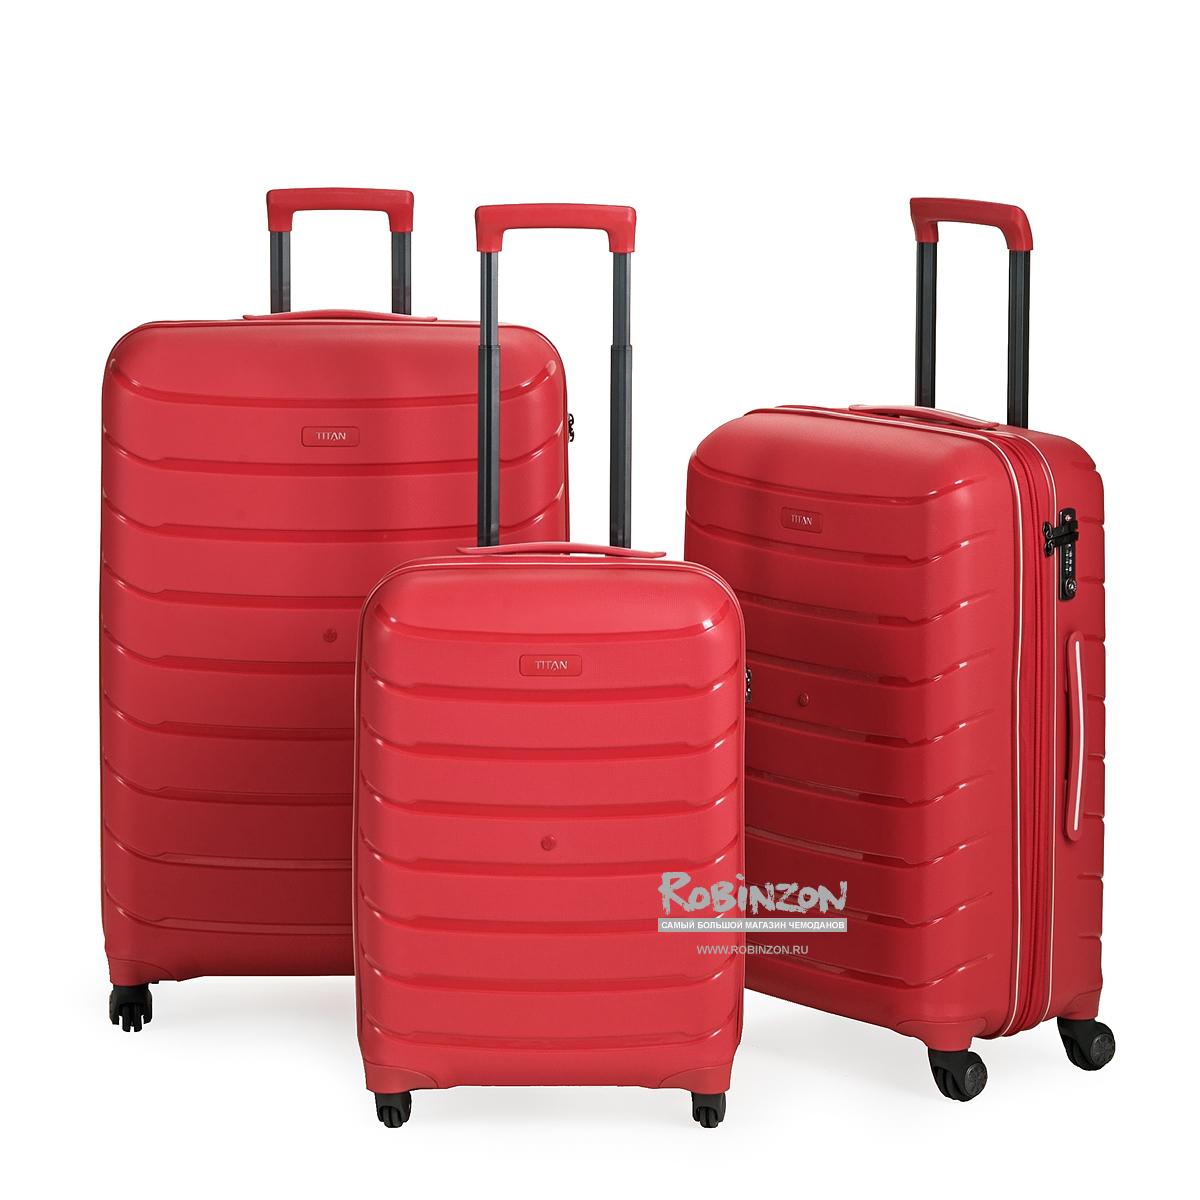 Kikas чемоданы интернет-магазин с доставкой по москве чемоданы на колёсах